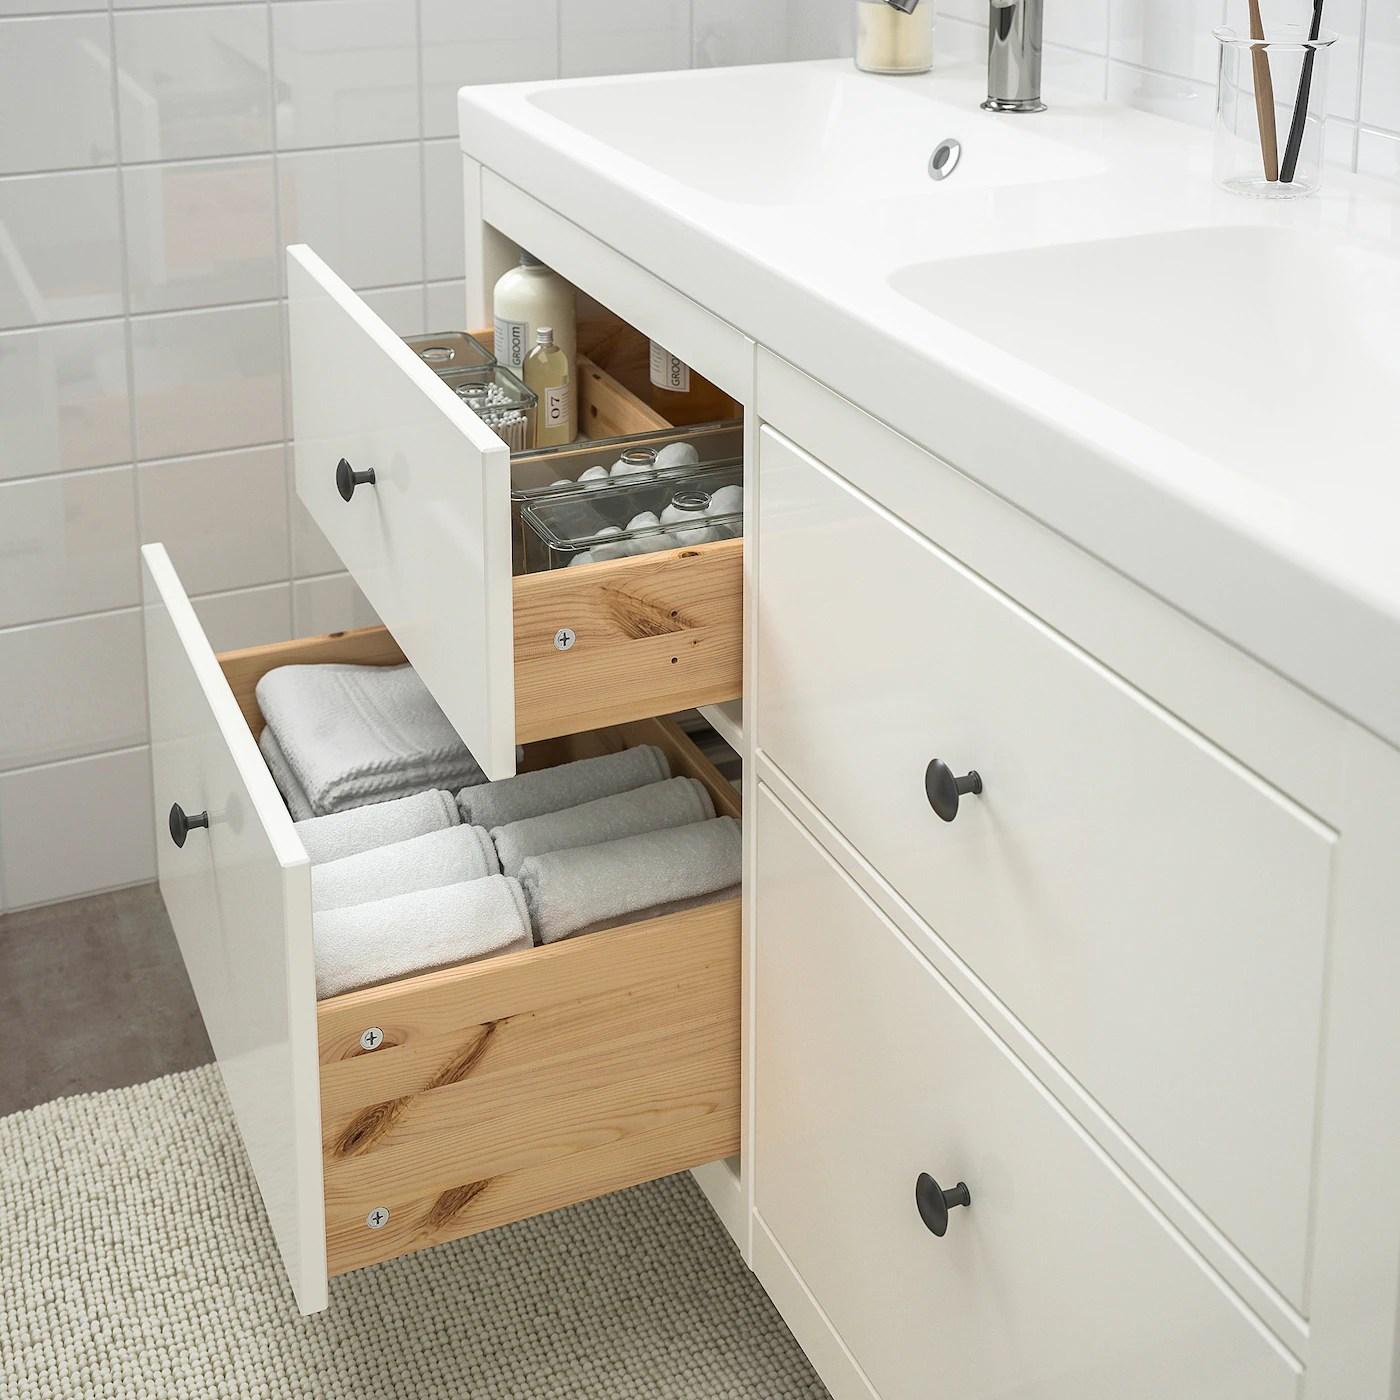 hemnes odensvik bathroom furniture set of 5 white voxnan faucet 48 3 8